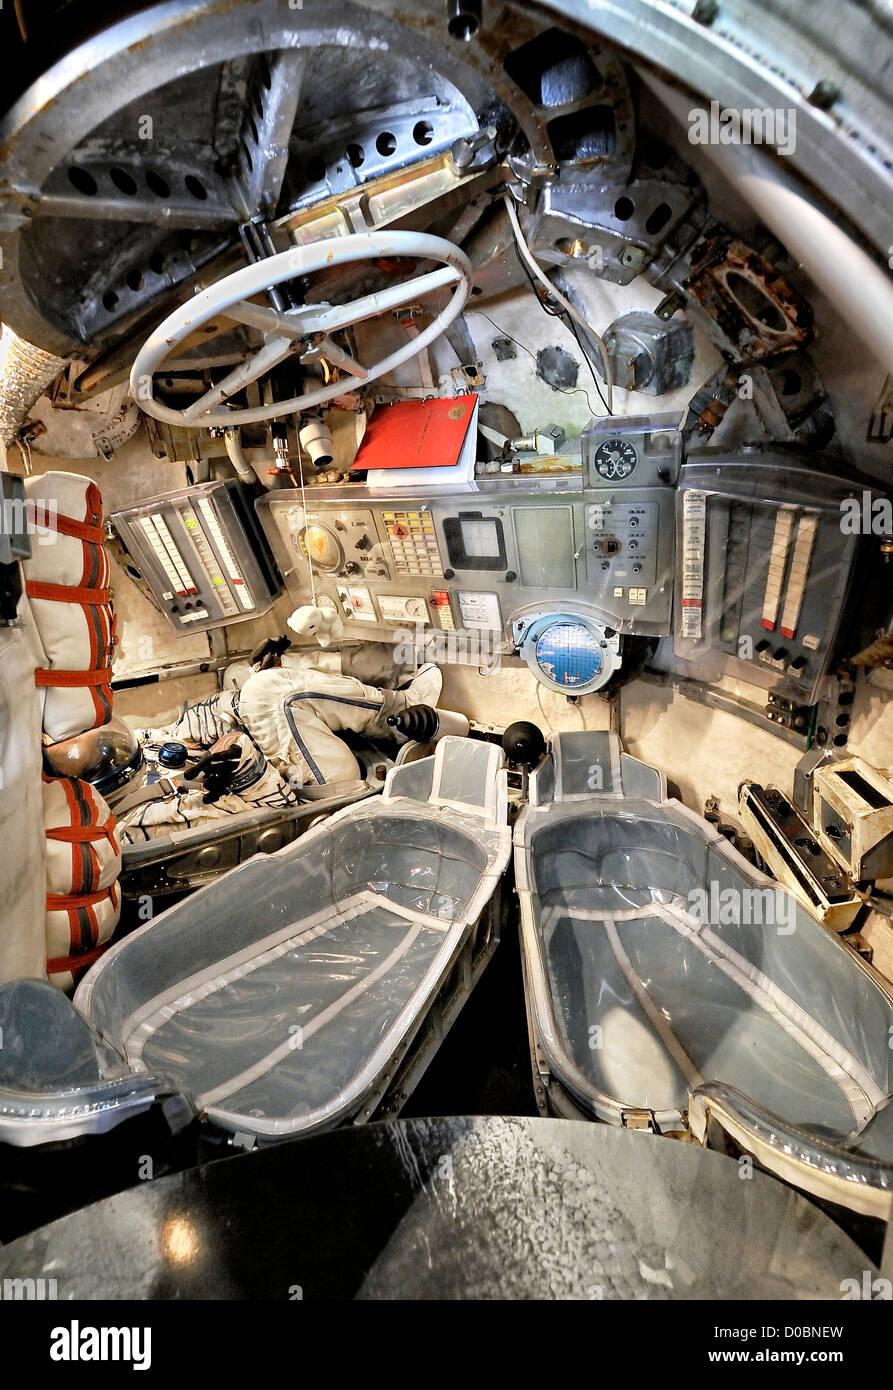 russian spacecraft soyuz - photo #37